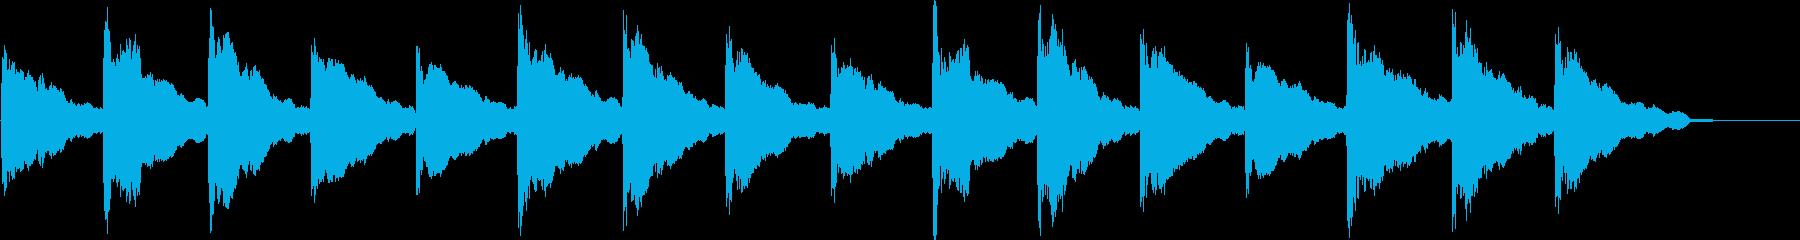 恐怖を感じるBGMの再生済みの波形